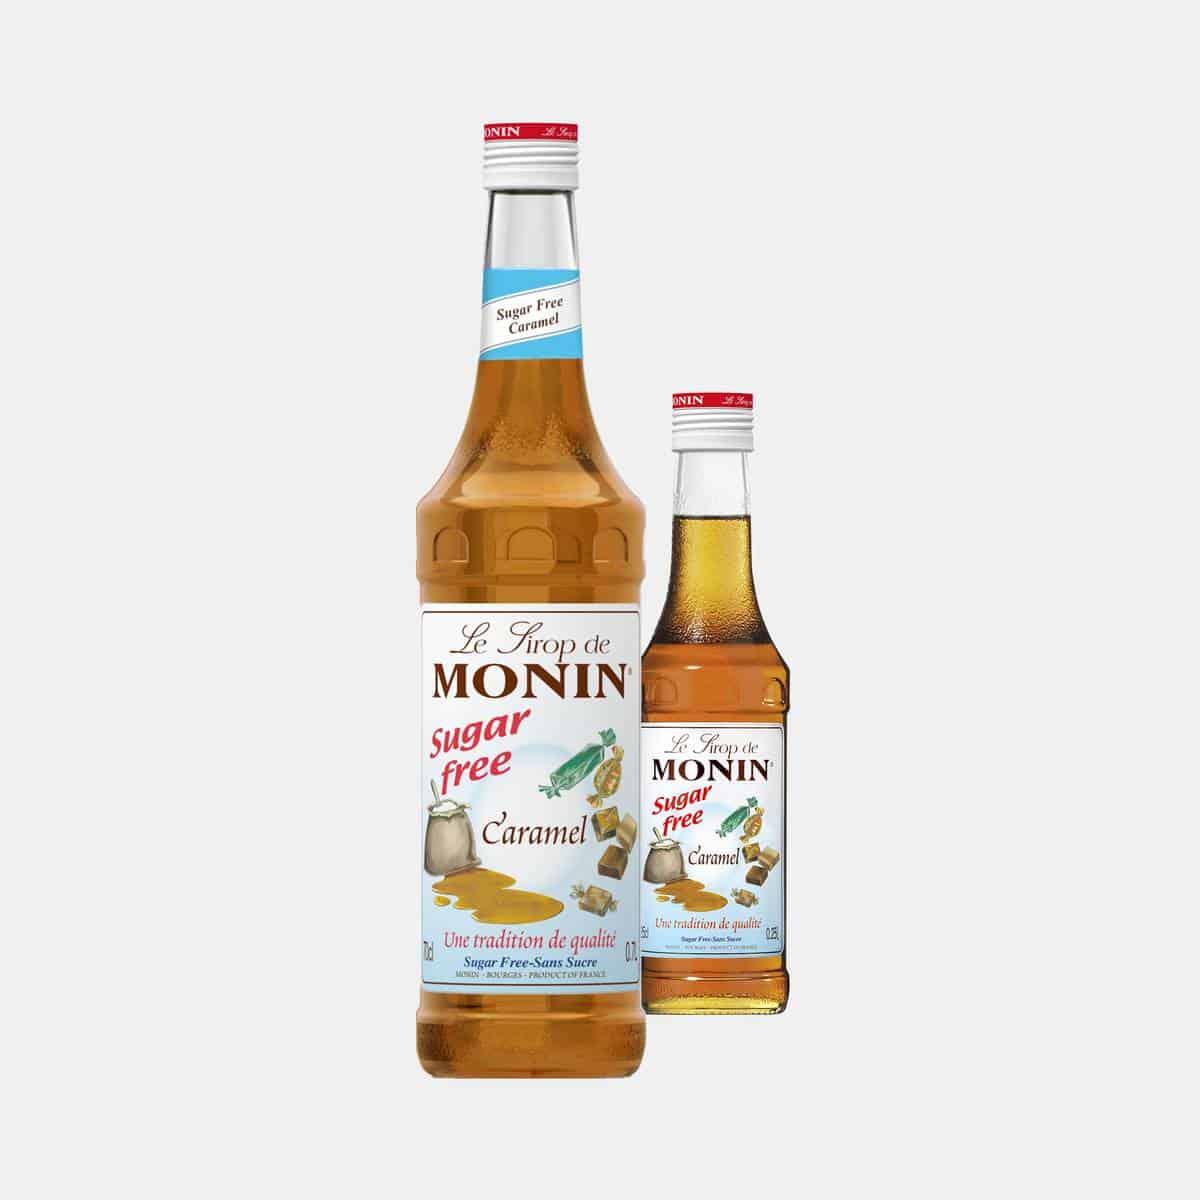 MONIN Sugar Free Caramel Syrup Glass Bottles